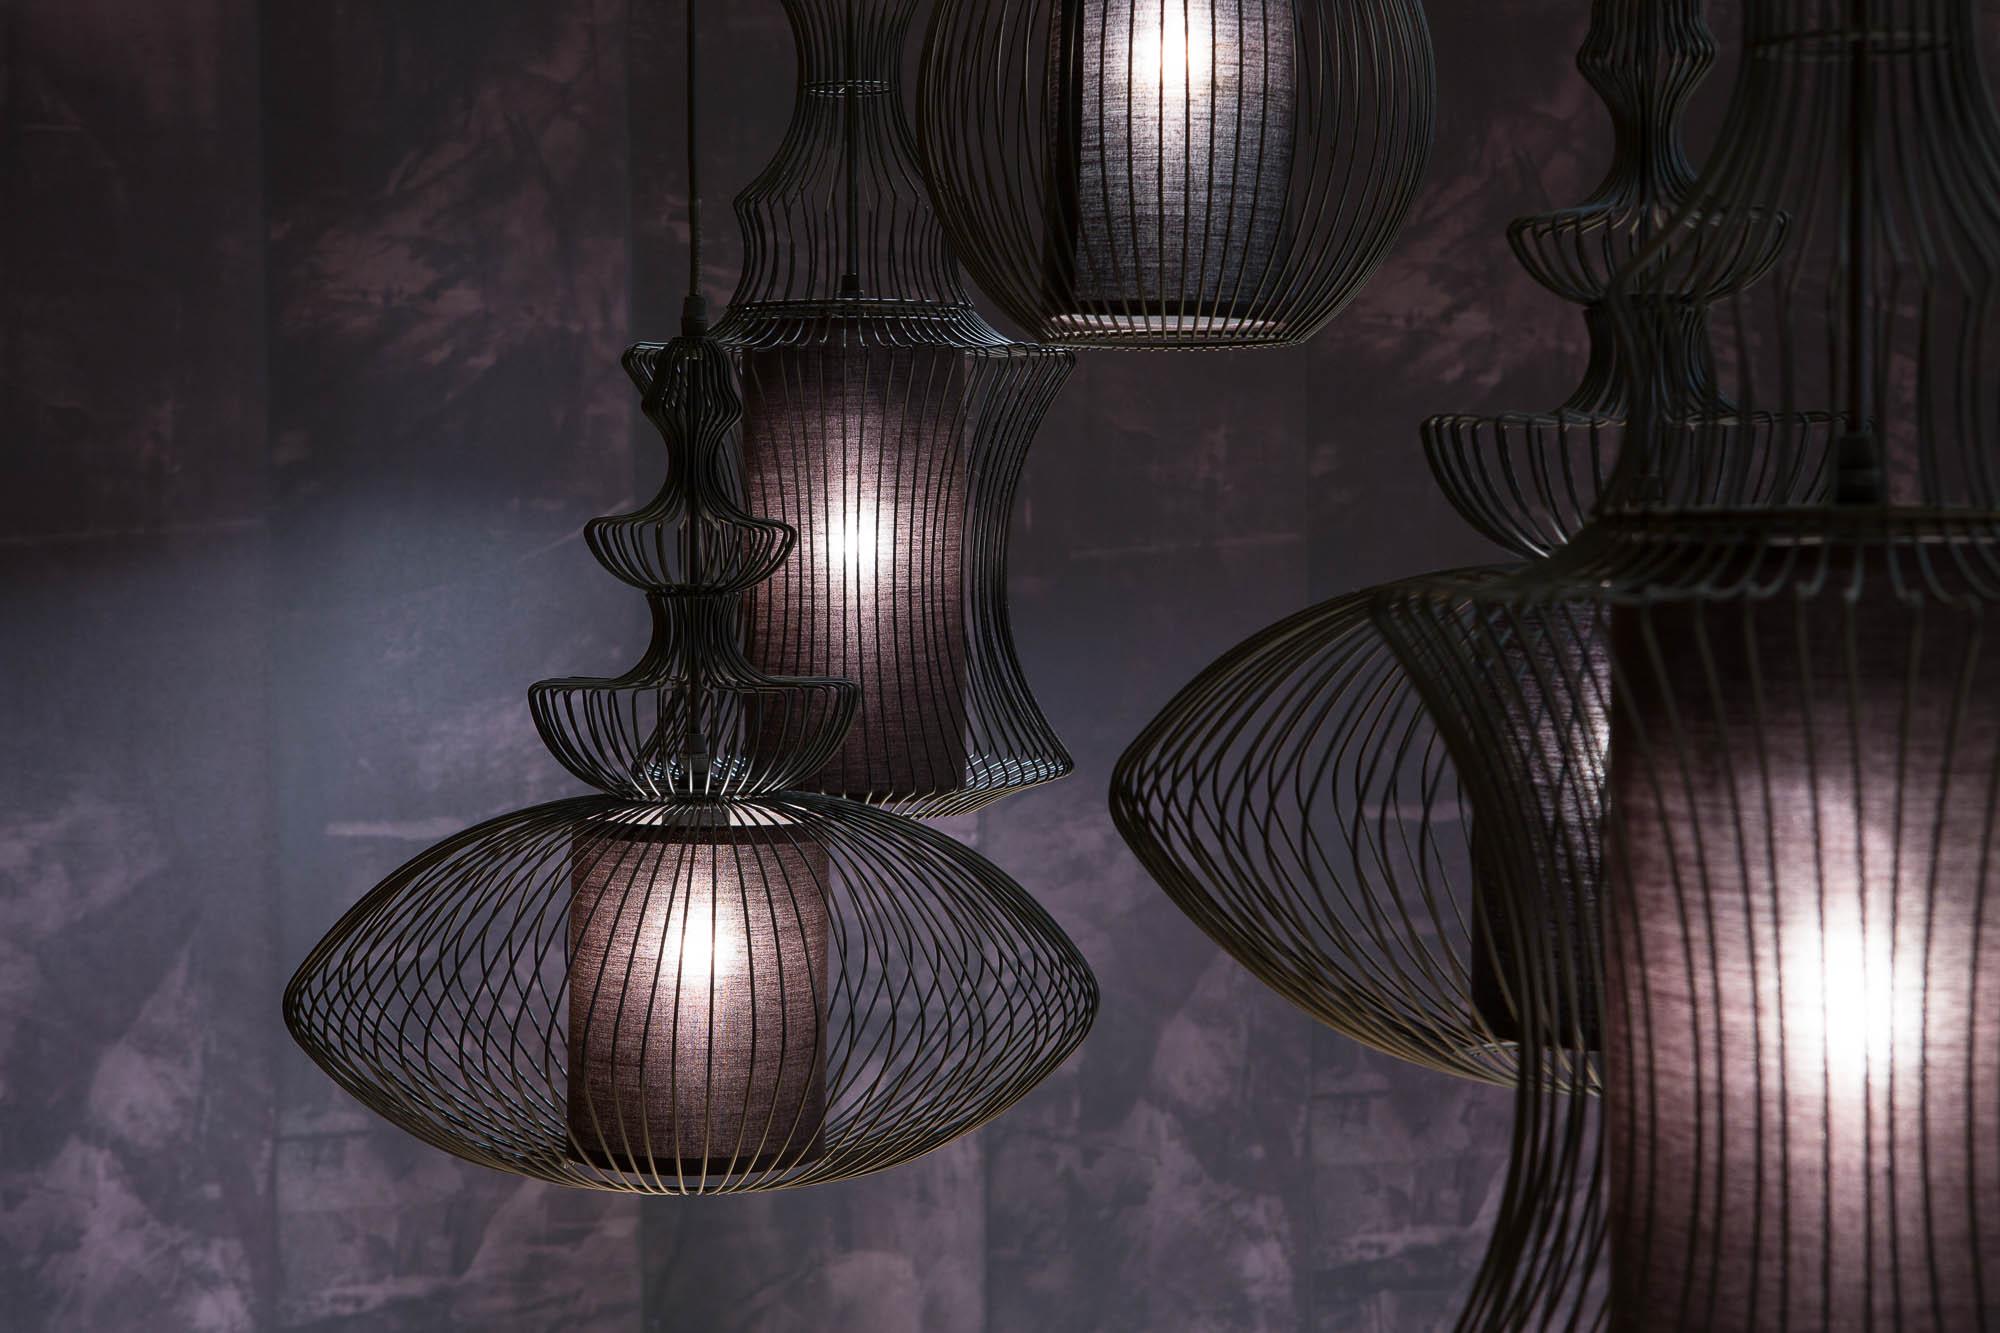 hanglamp ovaal met 1 lichtpunt